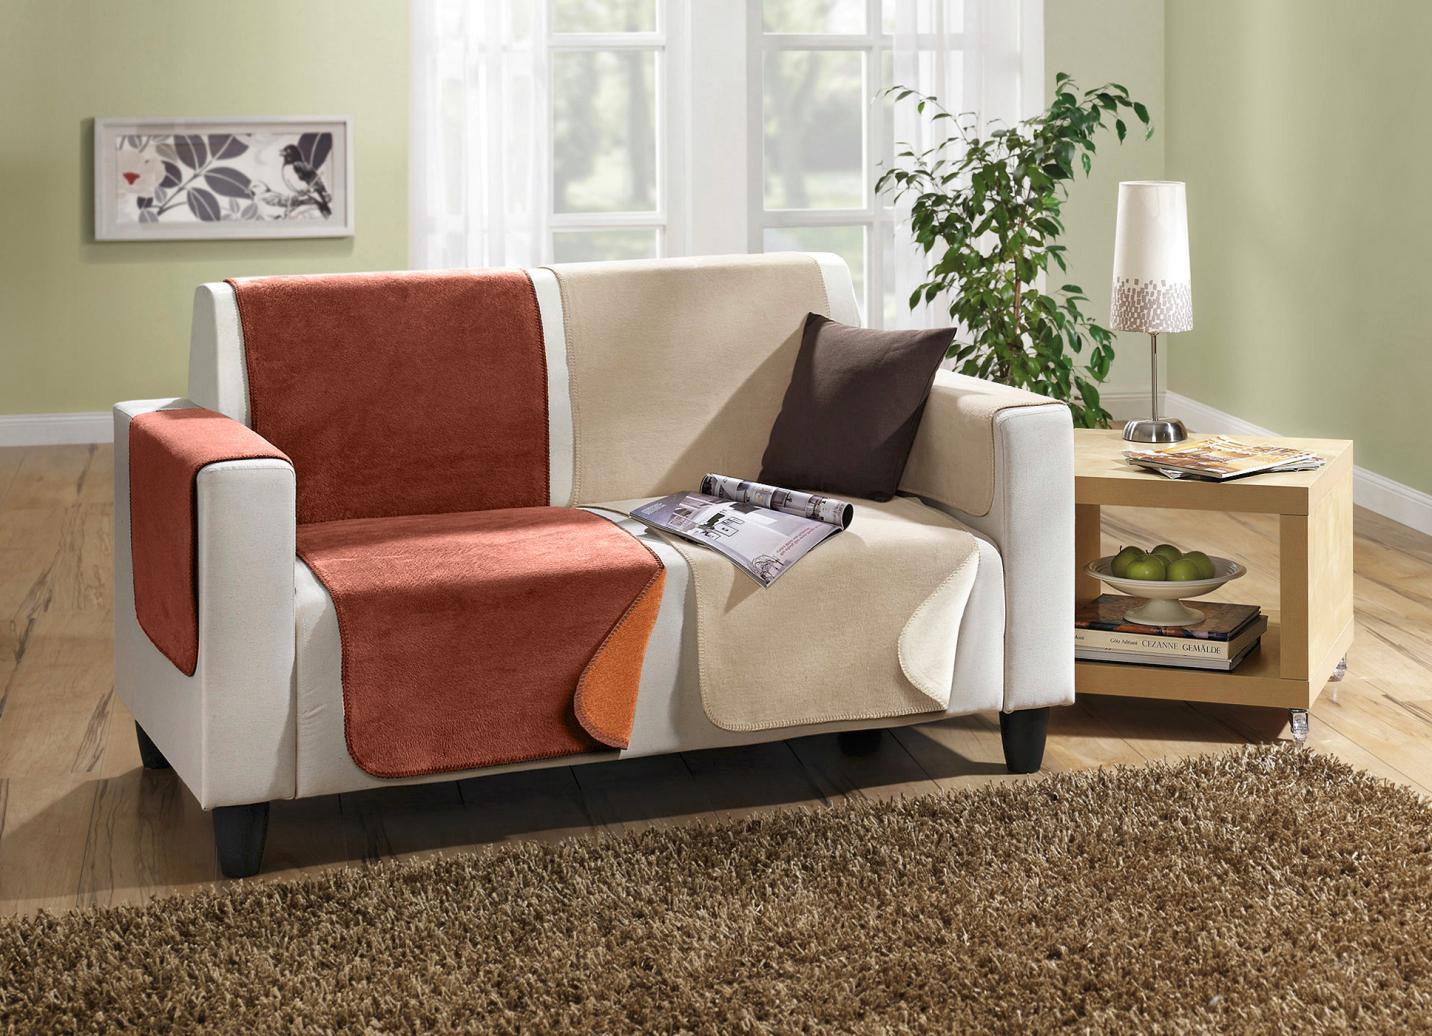 Wende-Sessel-,Couch- und Armlehnenschoner, Größe 865 (2 Armlehnenschoner, 50x 70 cm), Terra